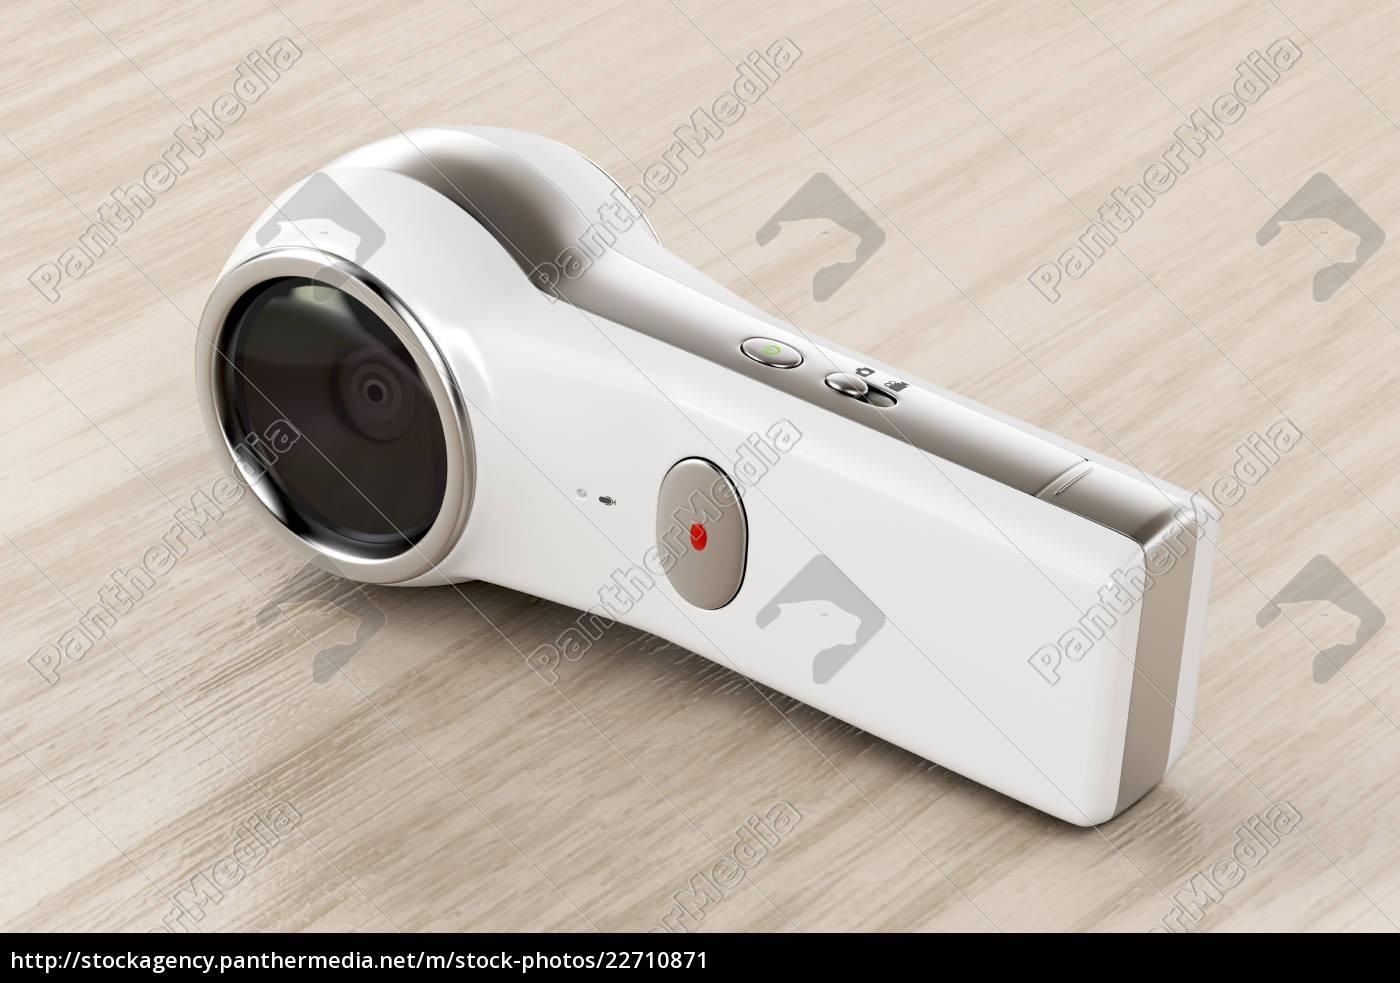 360, câmera, de, grau - 22710871